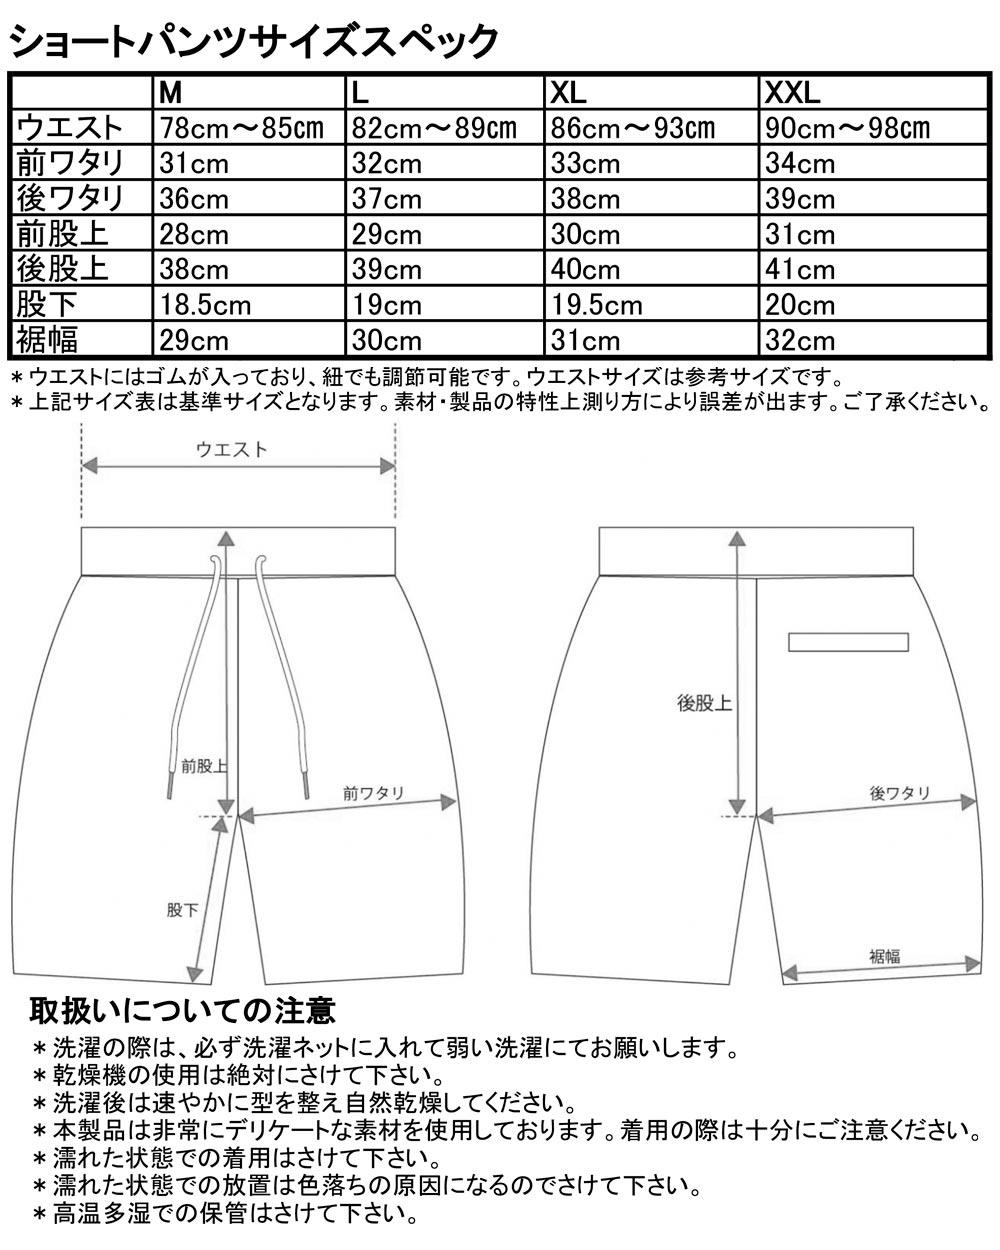 新日本プロレス ハーフパンツ 高橋ヒロムモデル ブラック L